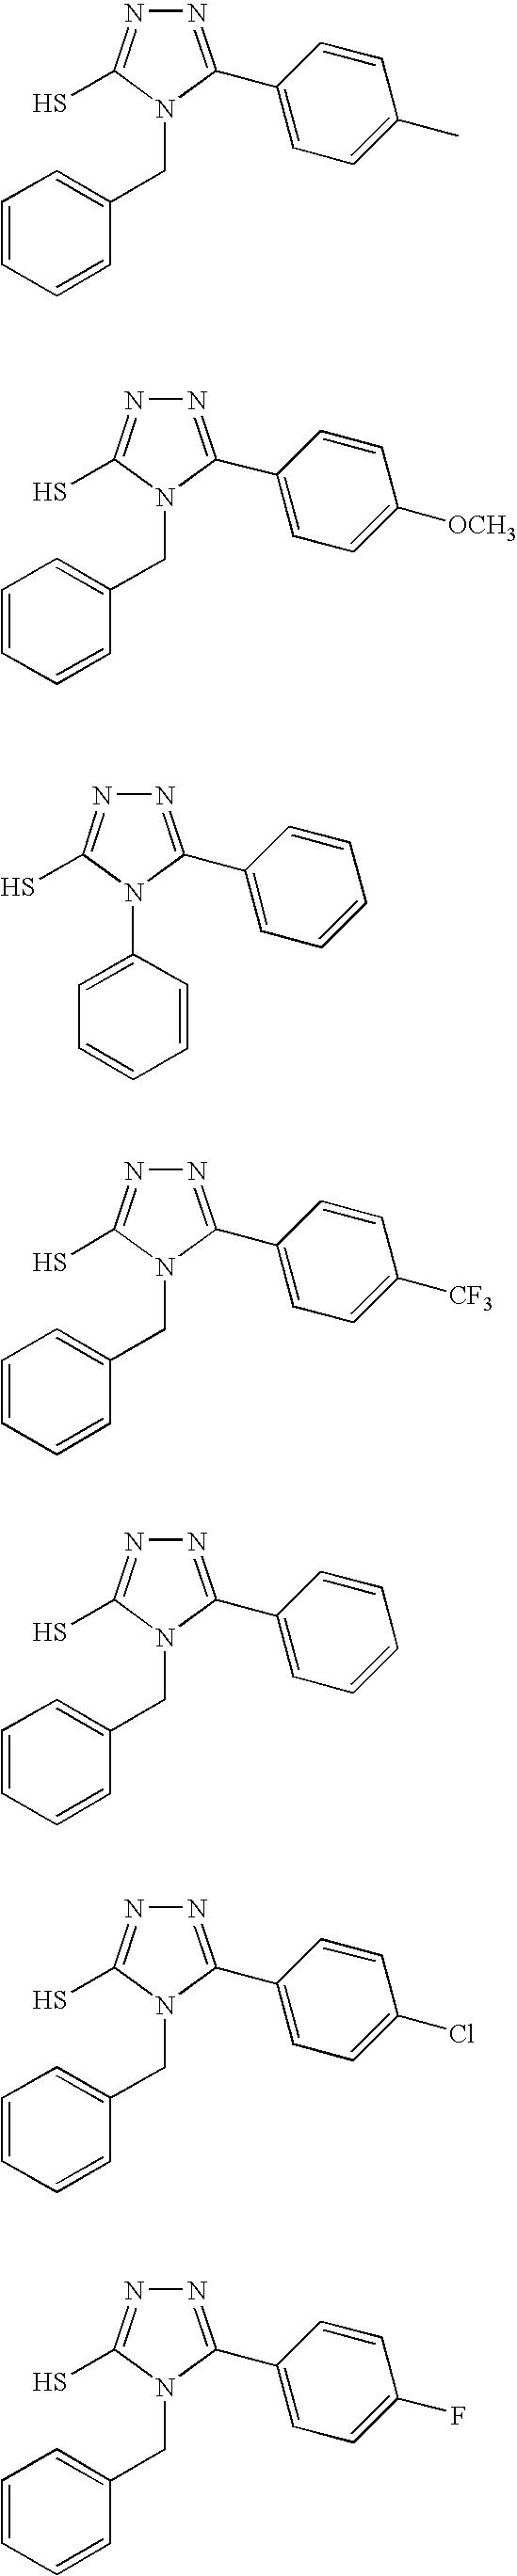 Figure US20070212641A1-20070913-C00176